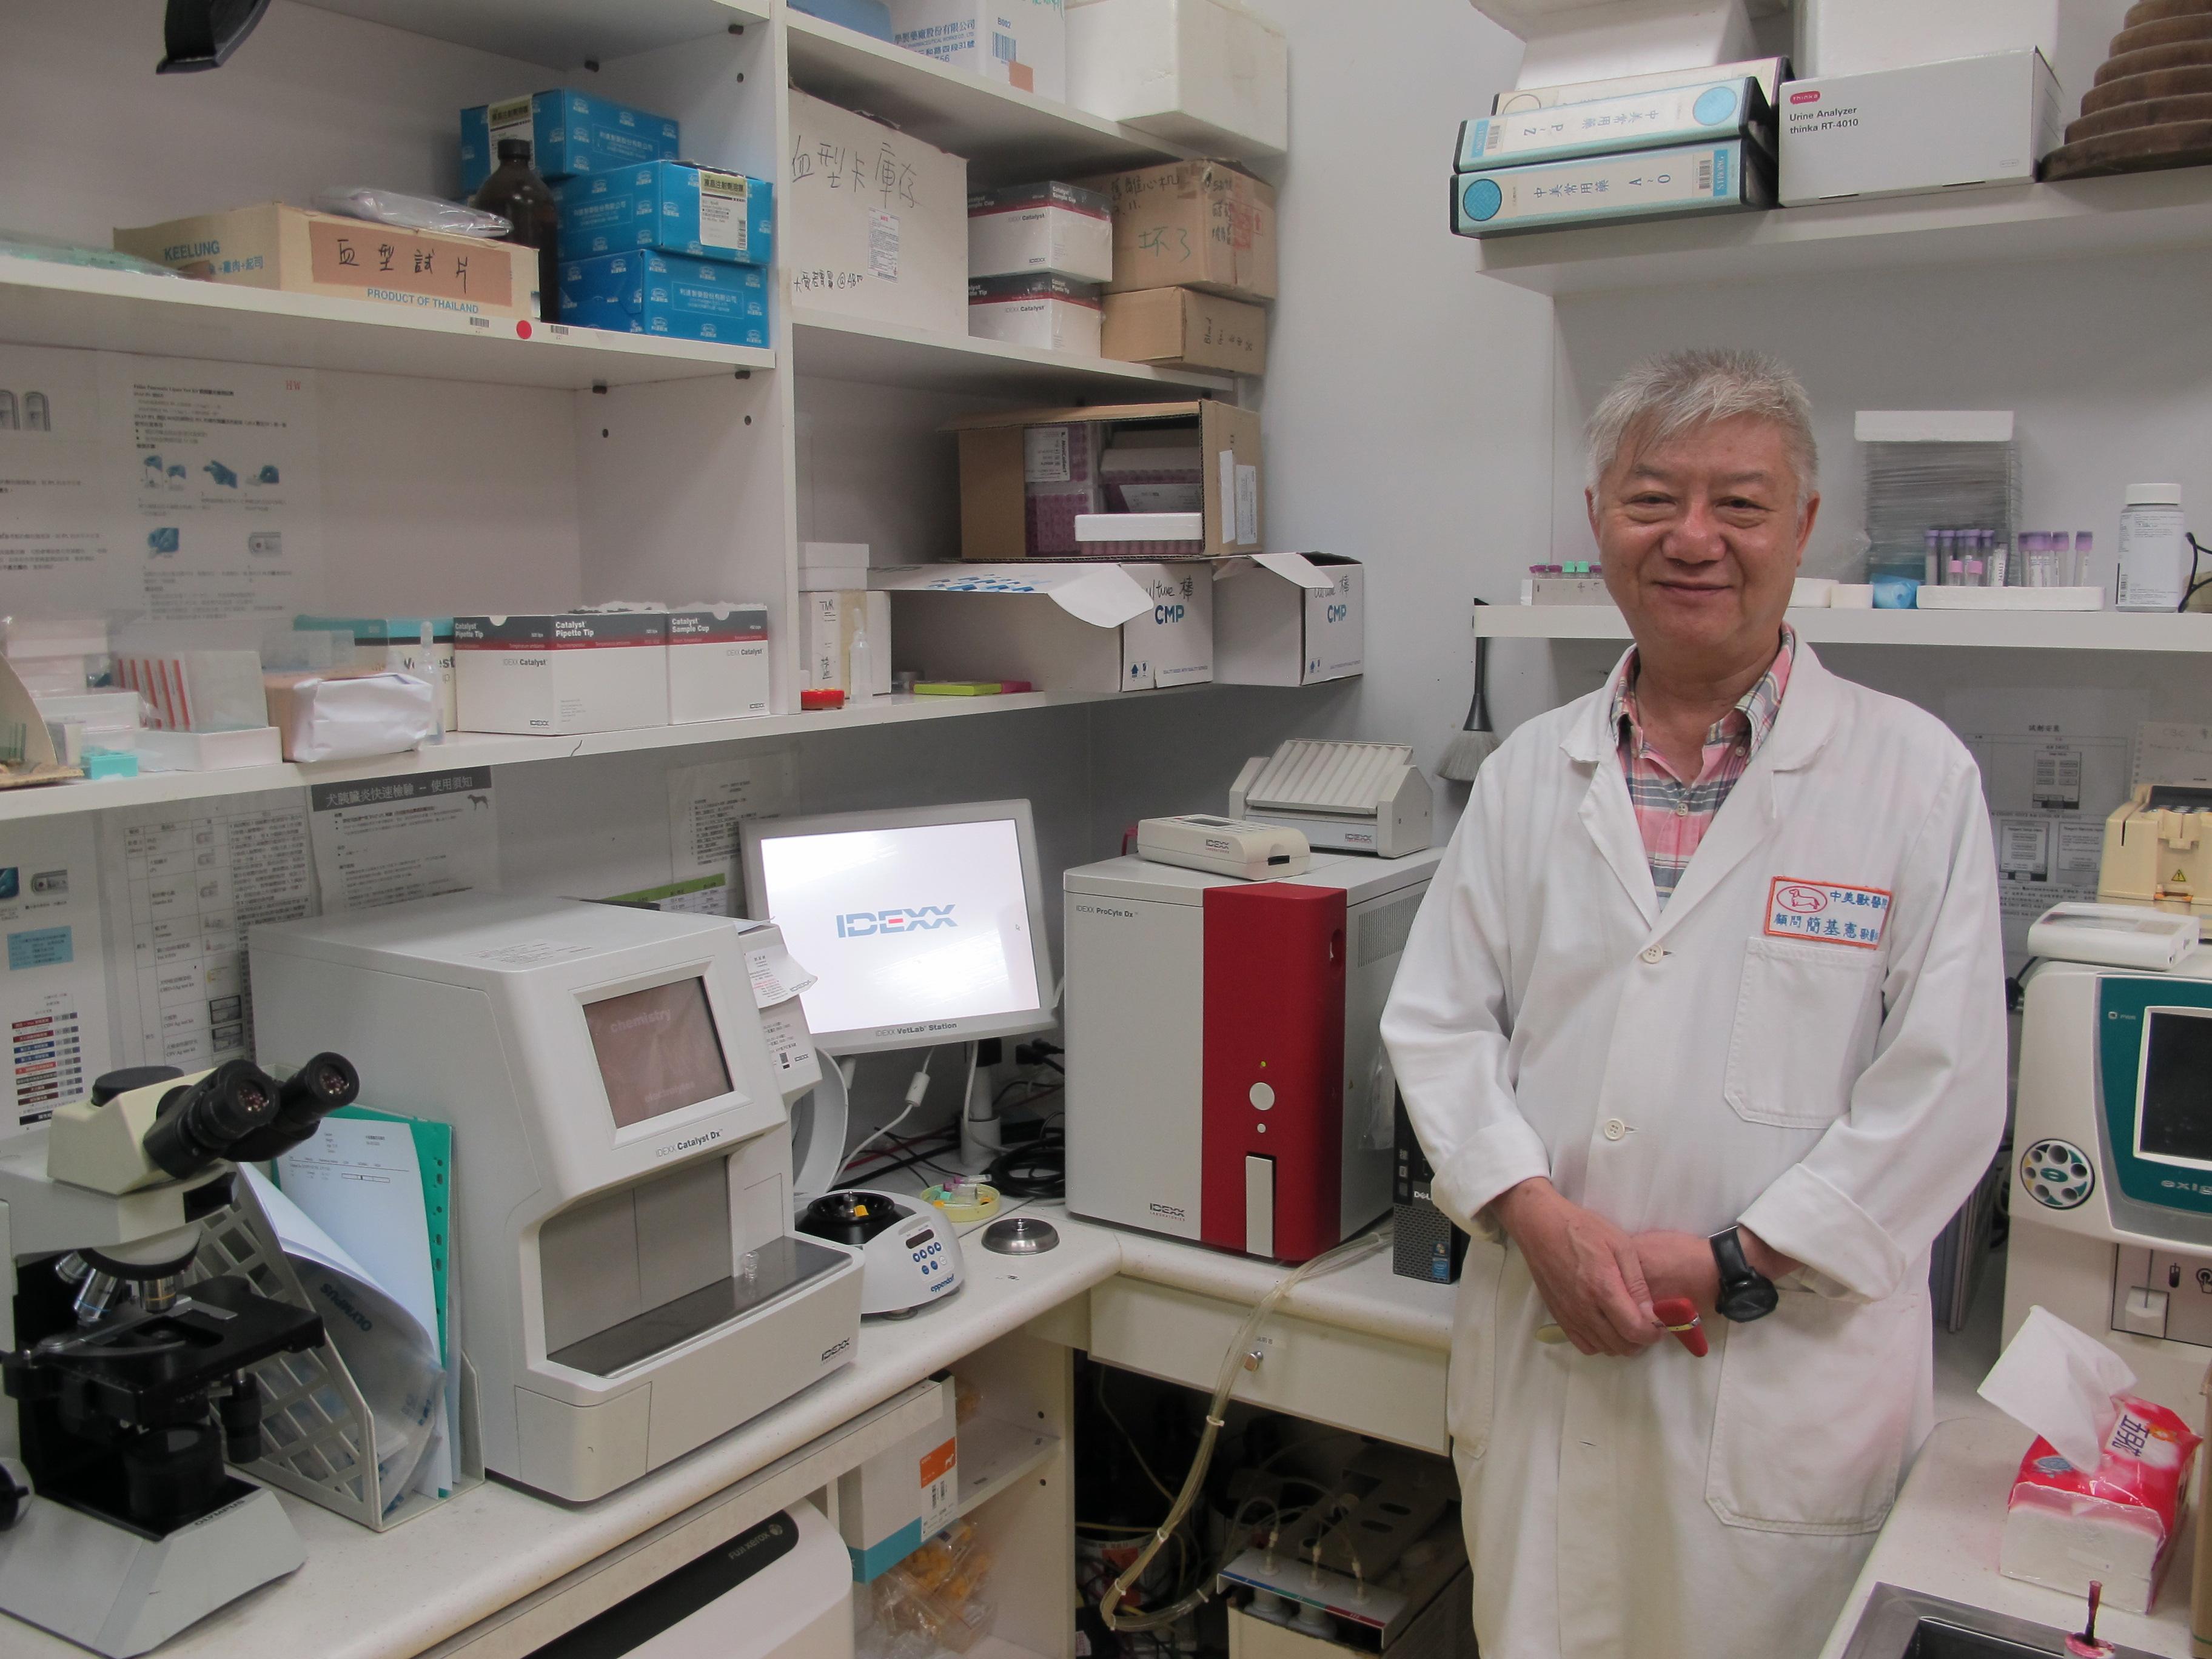 108.10.27. 簡基憲博士在中美醫院的實驗室.JPG